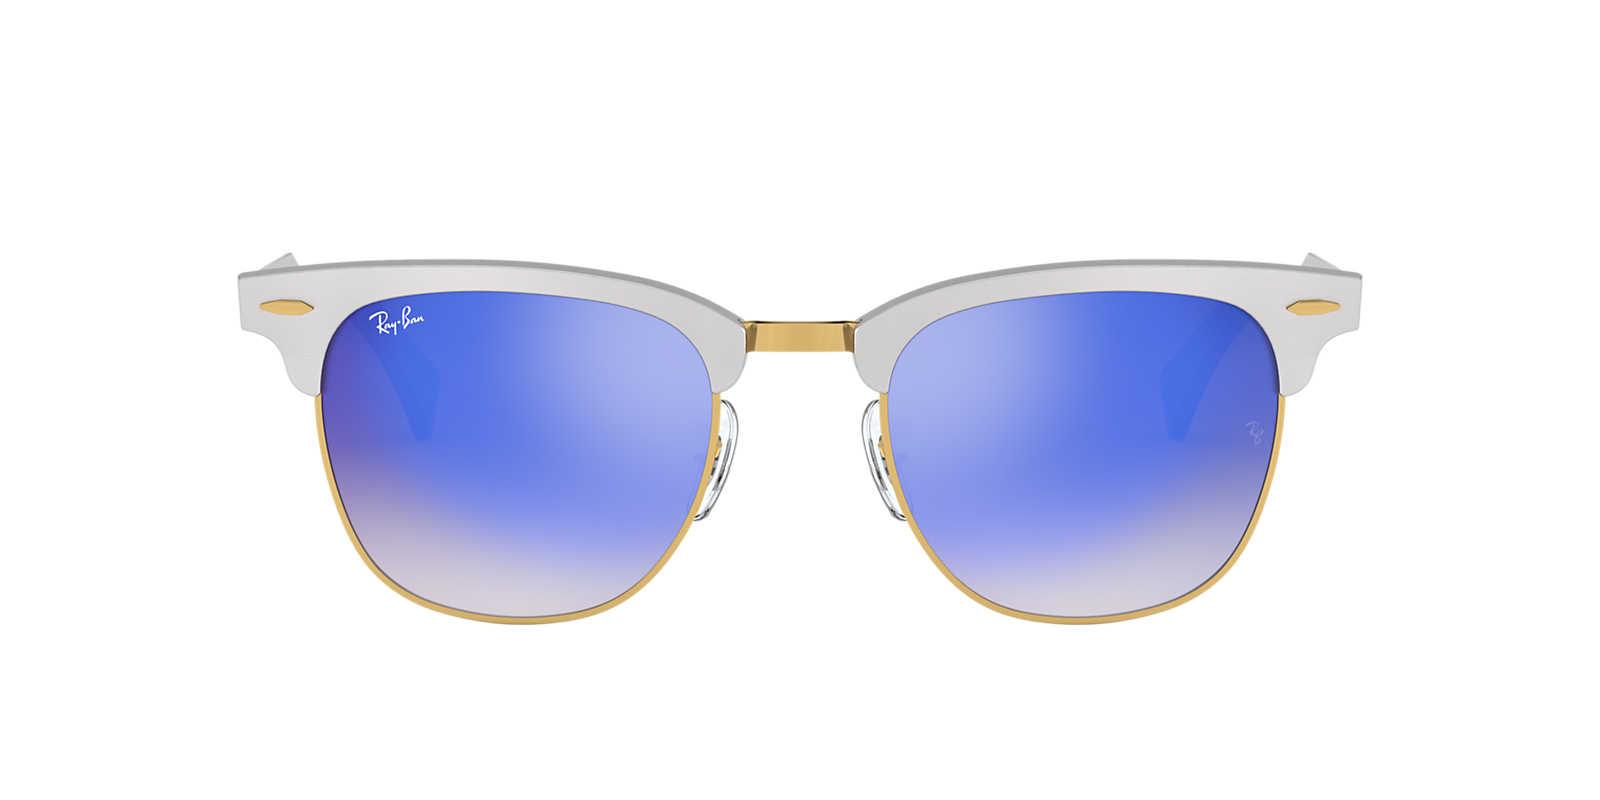 a4d17b7107 ... usa comprar gafas de sol ray ban rb3507 clubmaster aluminum en sunglass  hut méxico. envíos